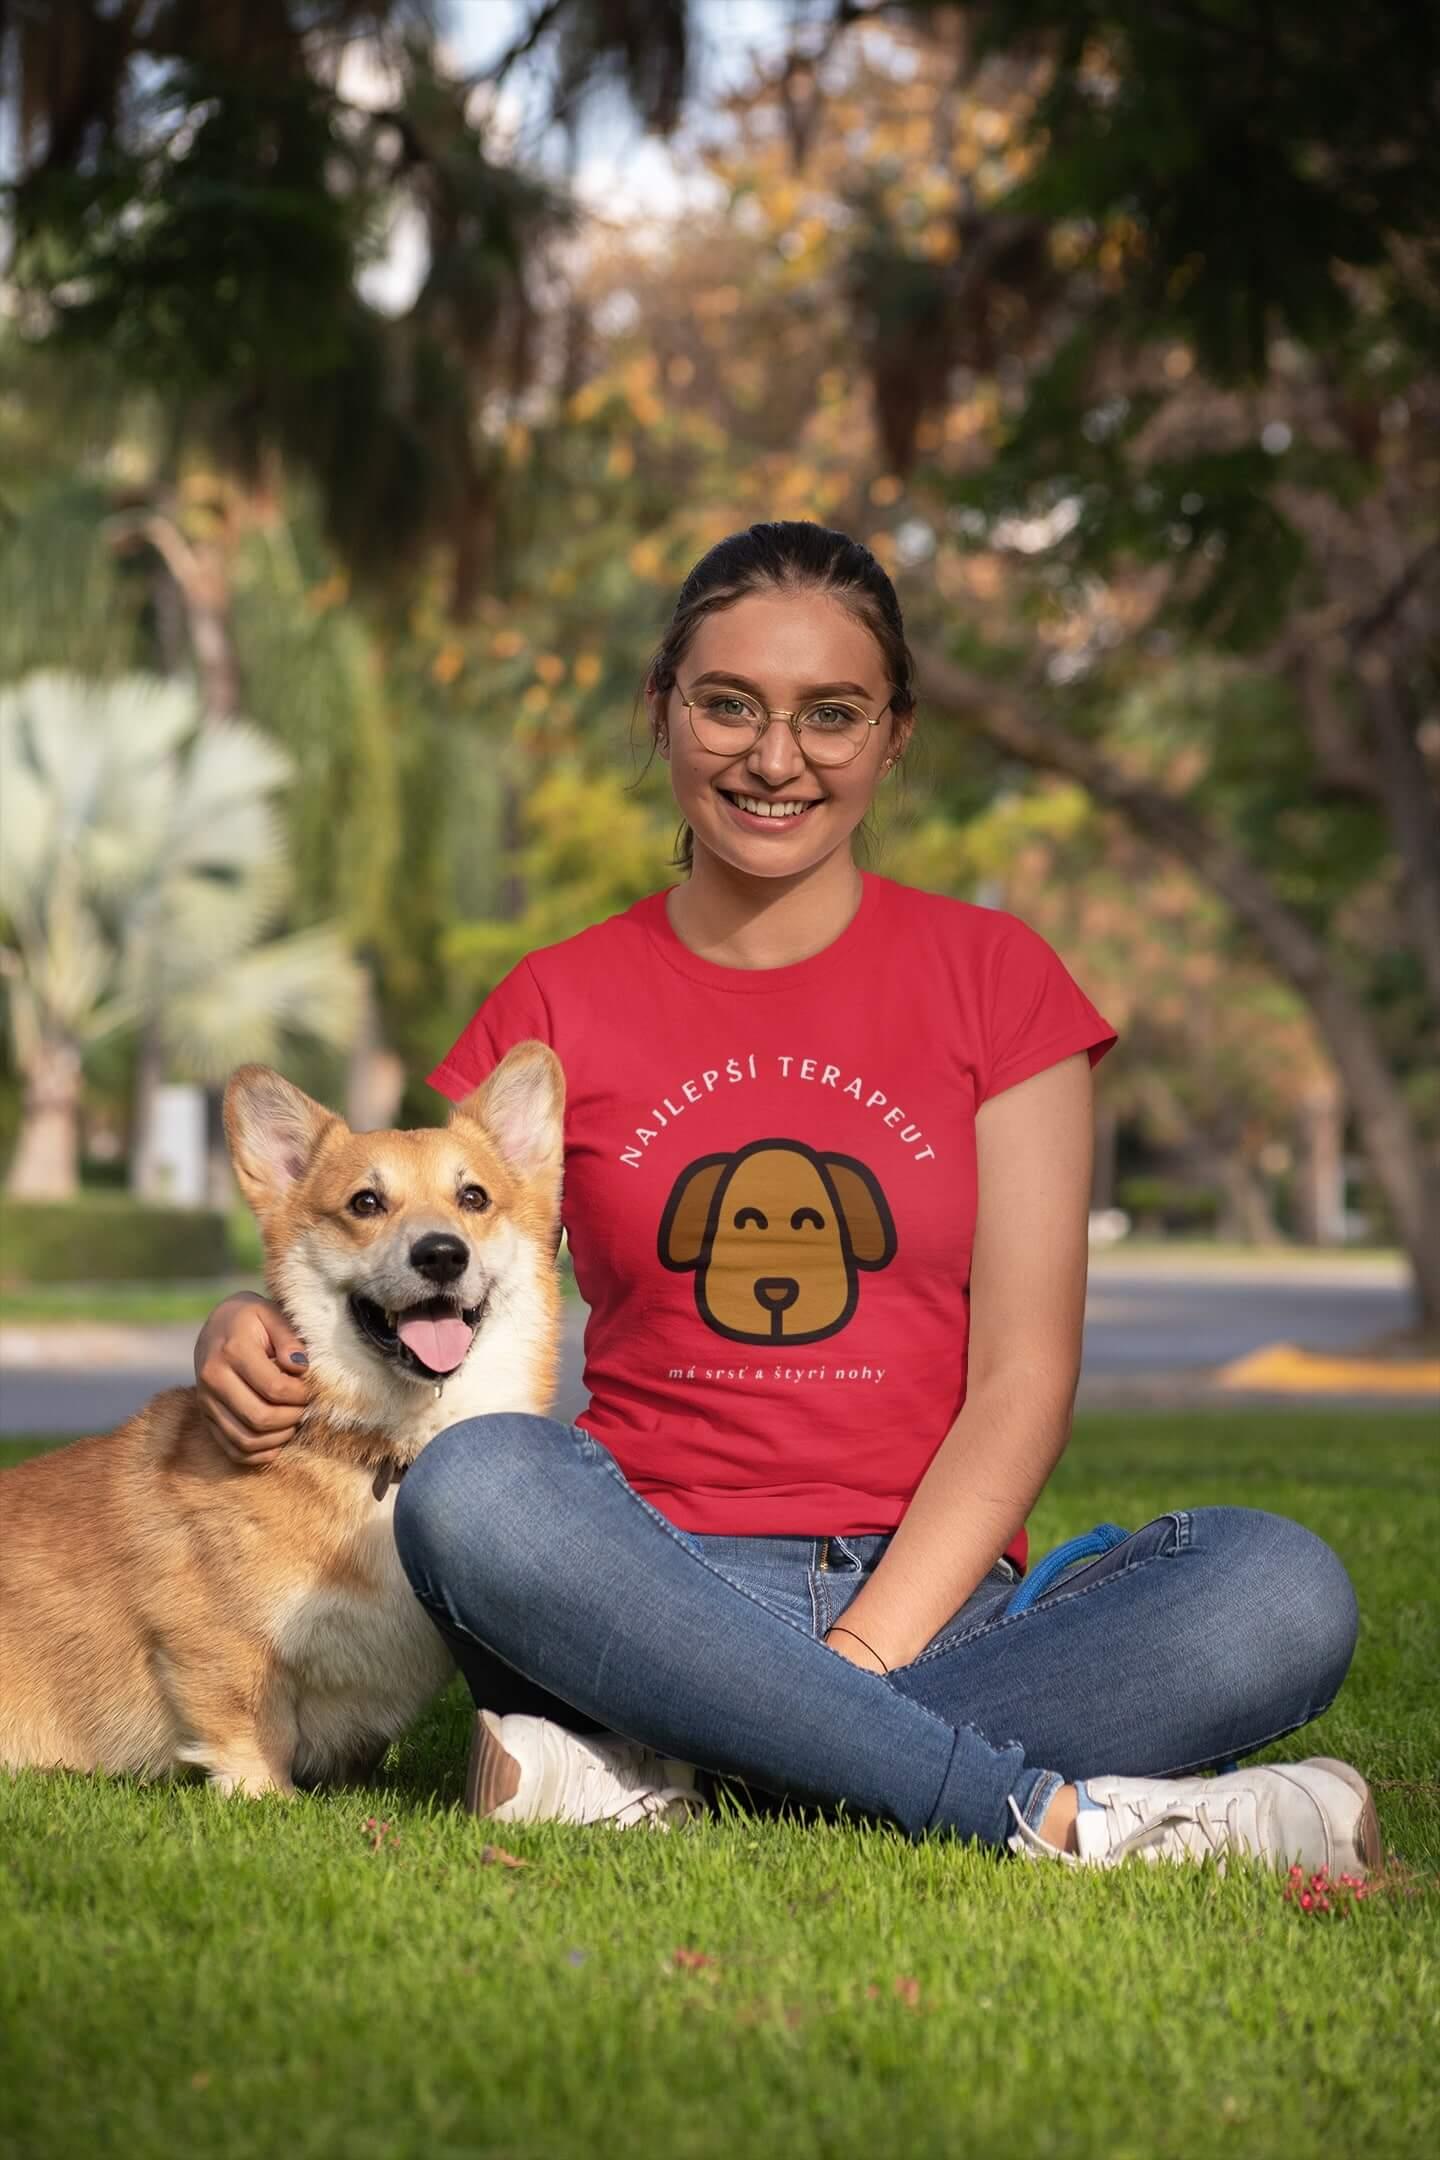 MMO Dámske tričko Terapeut Vyberte farbu: Červená, Dámska veľkosť: M